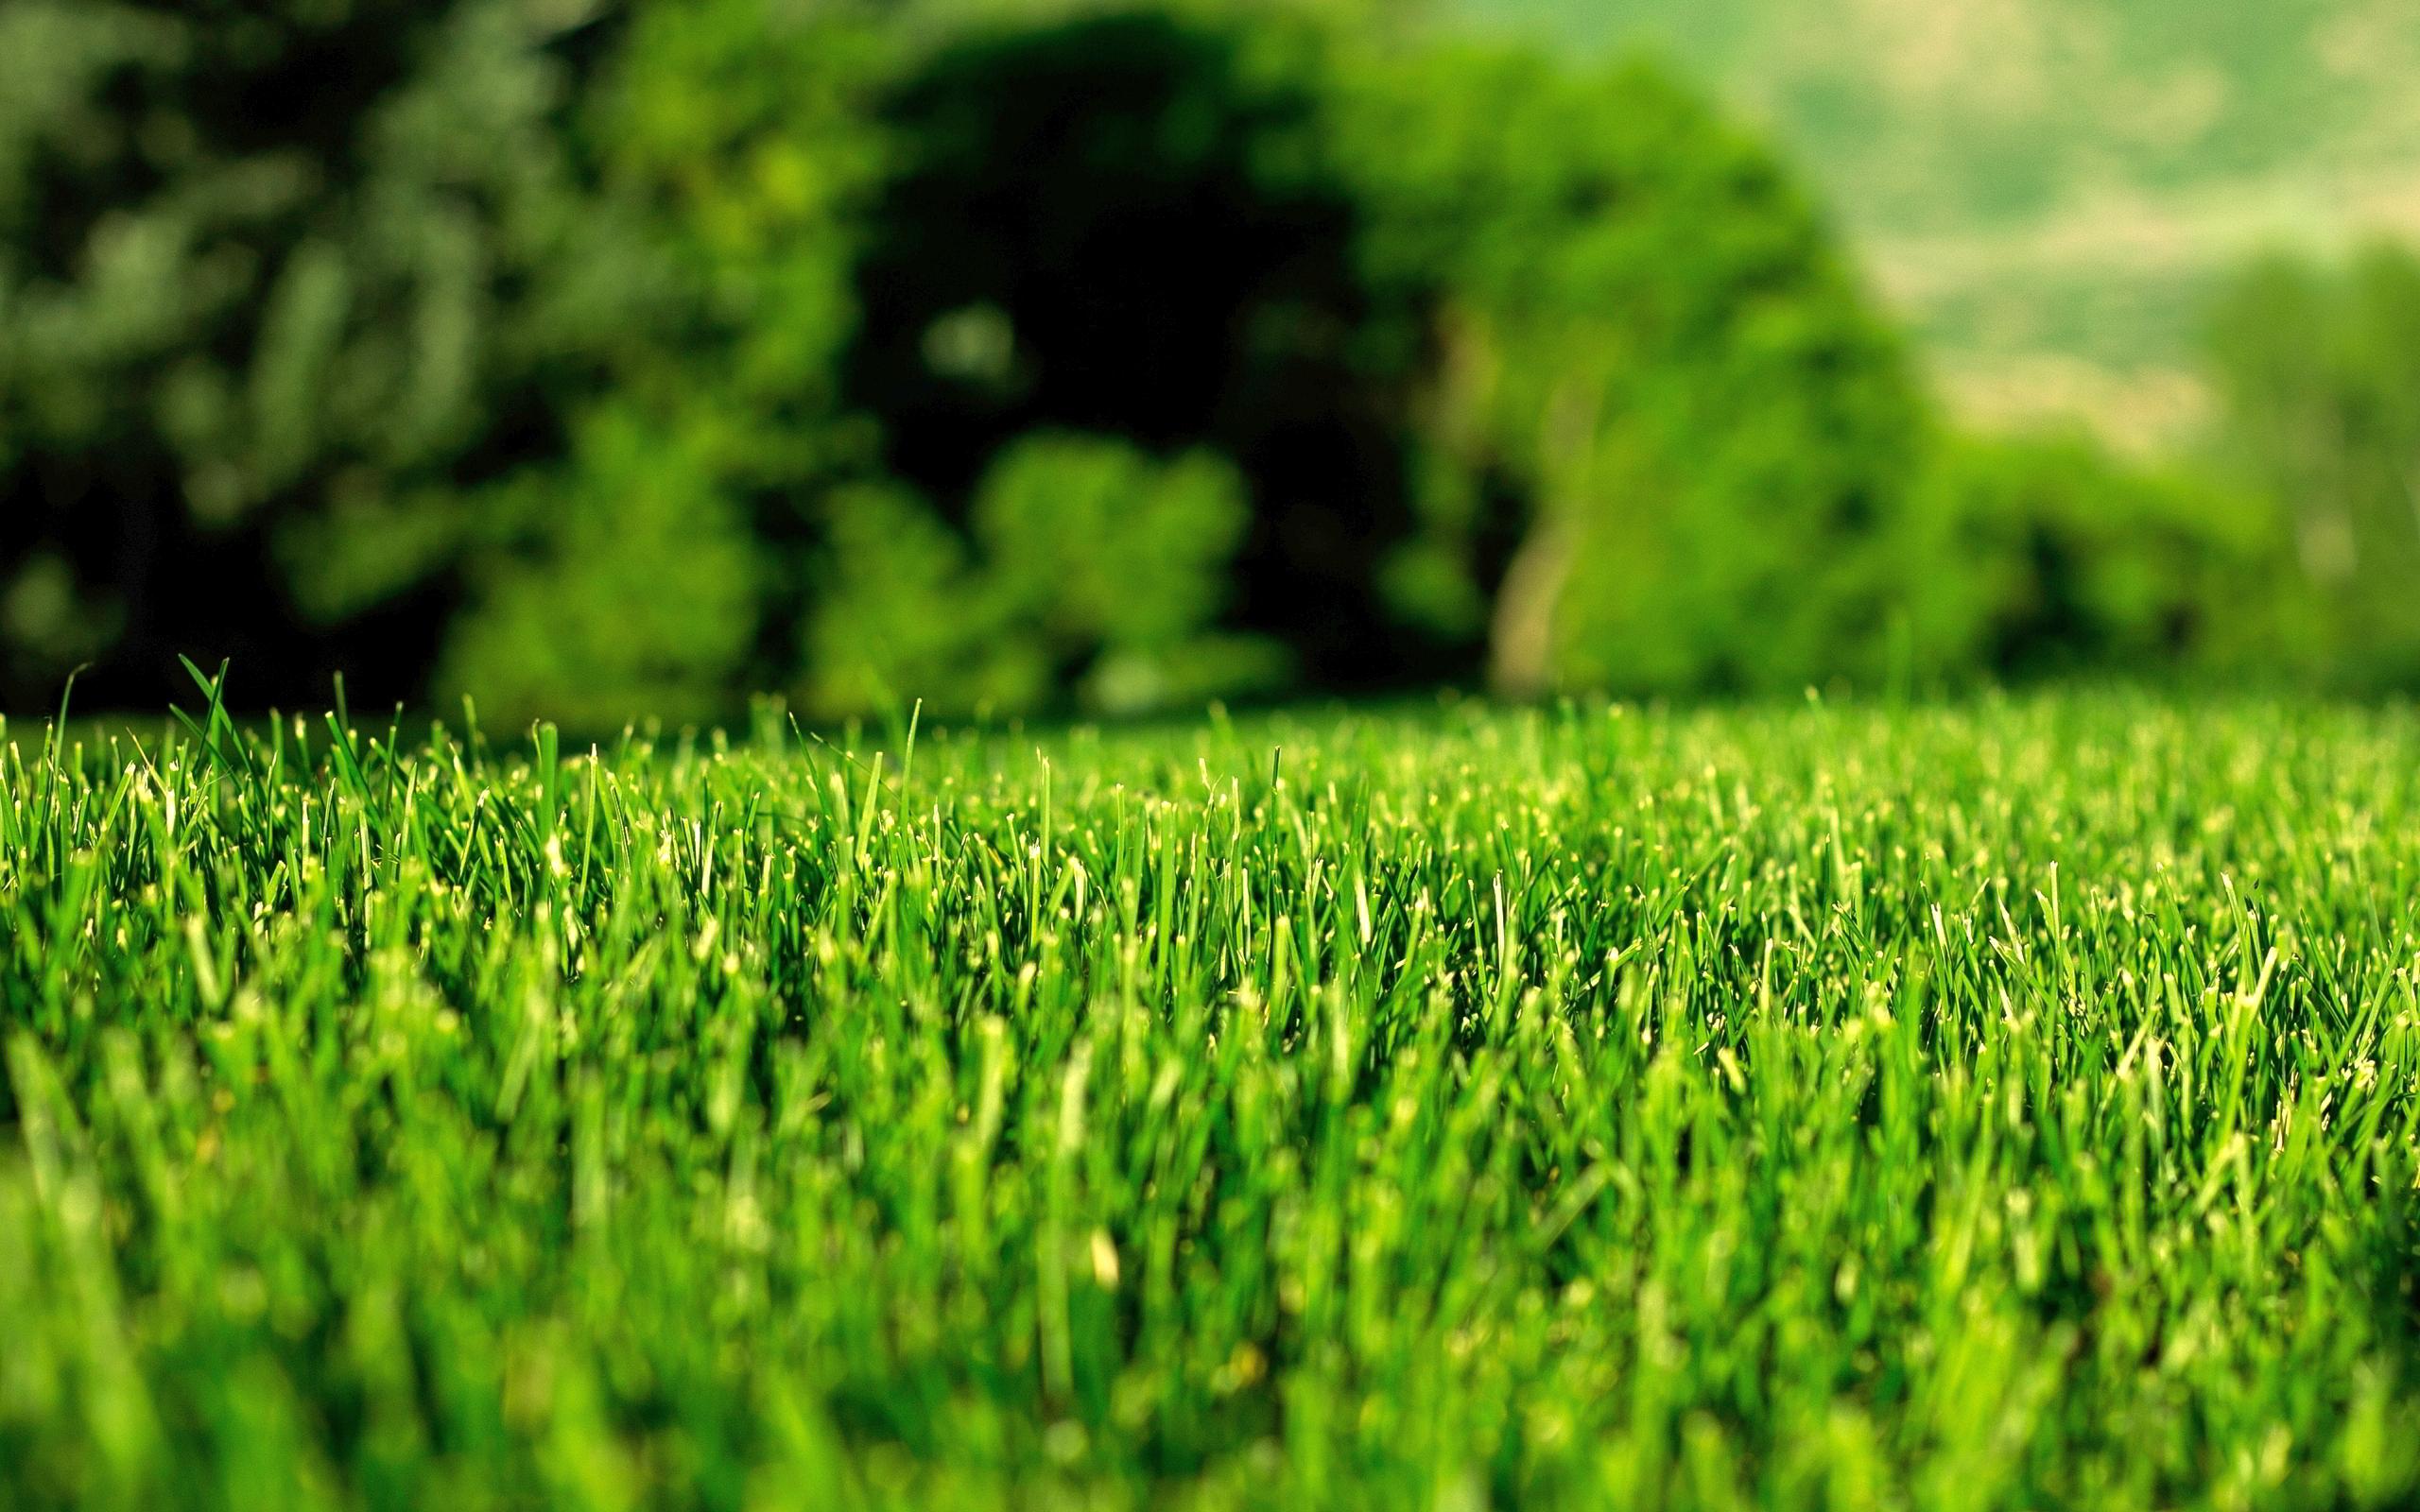 Blog - Green Grass Solutions